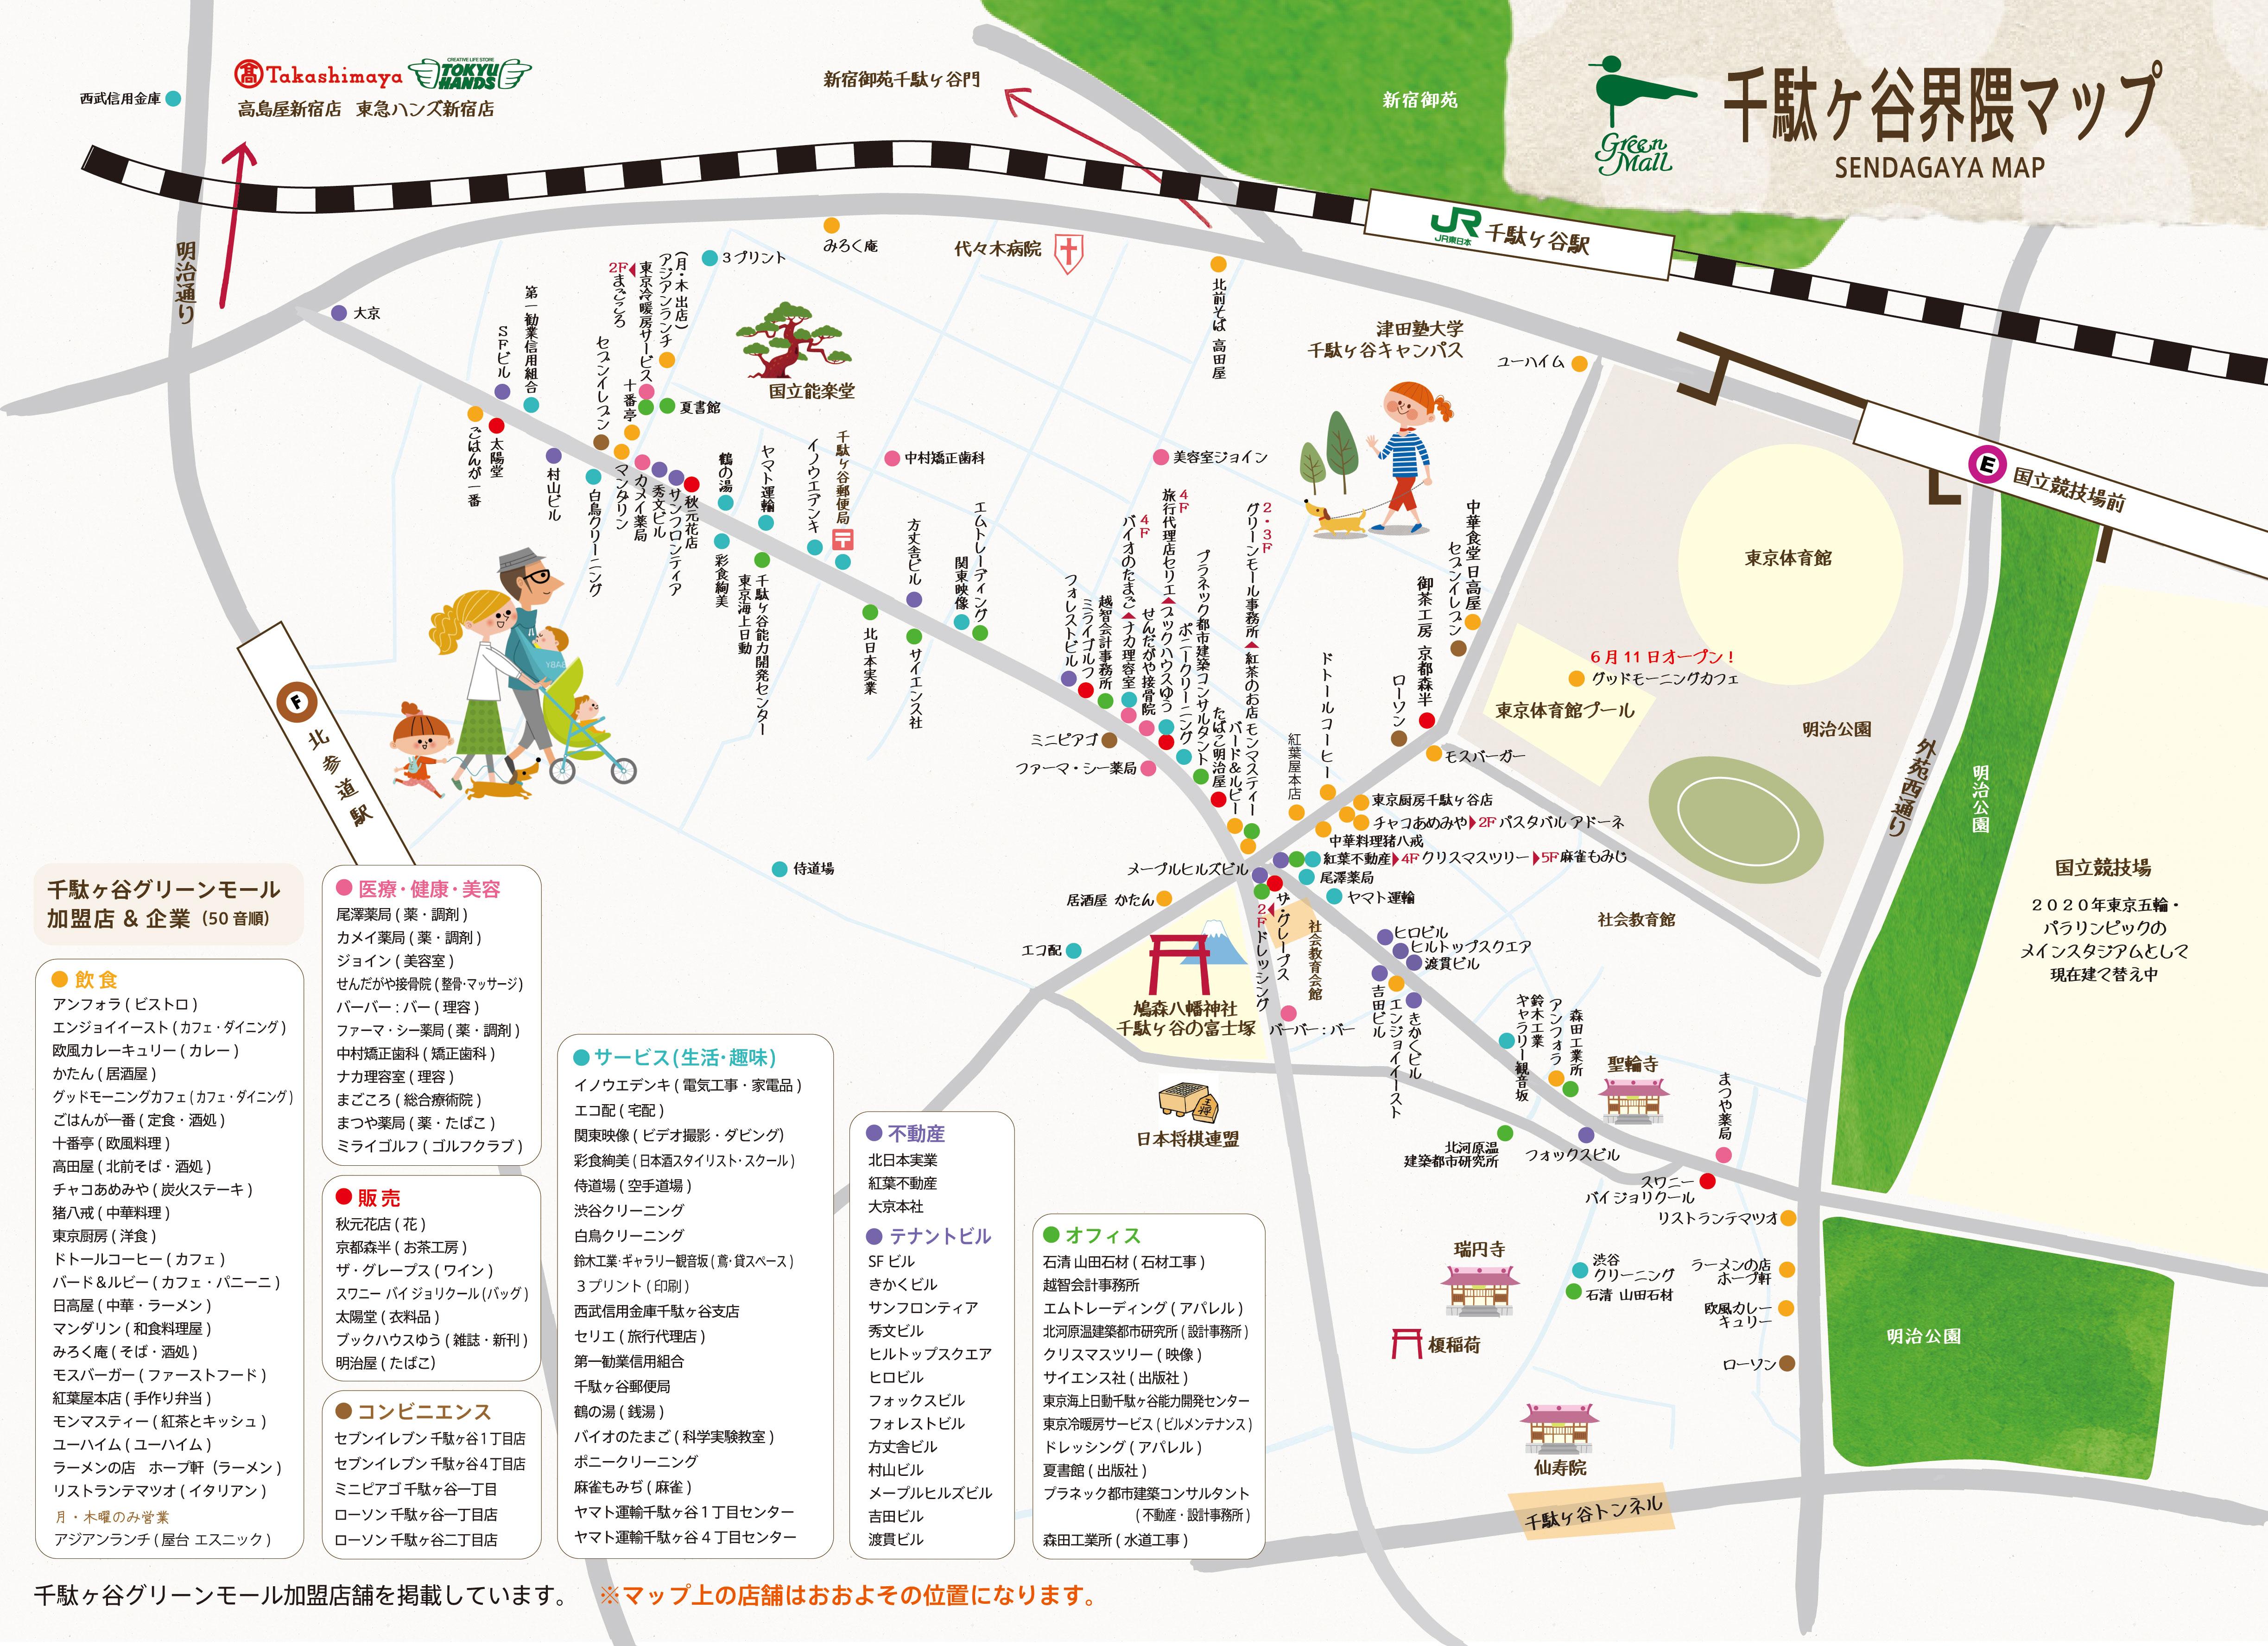 千駄ヶ谷グリーンモールマップ